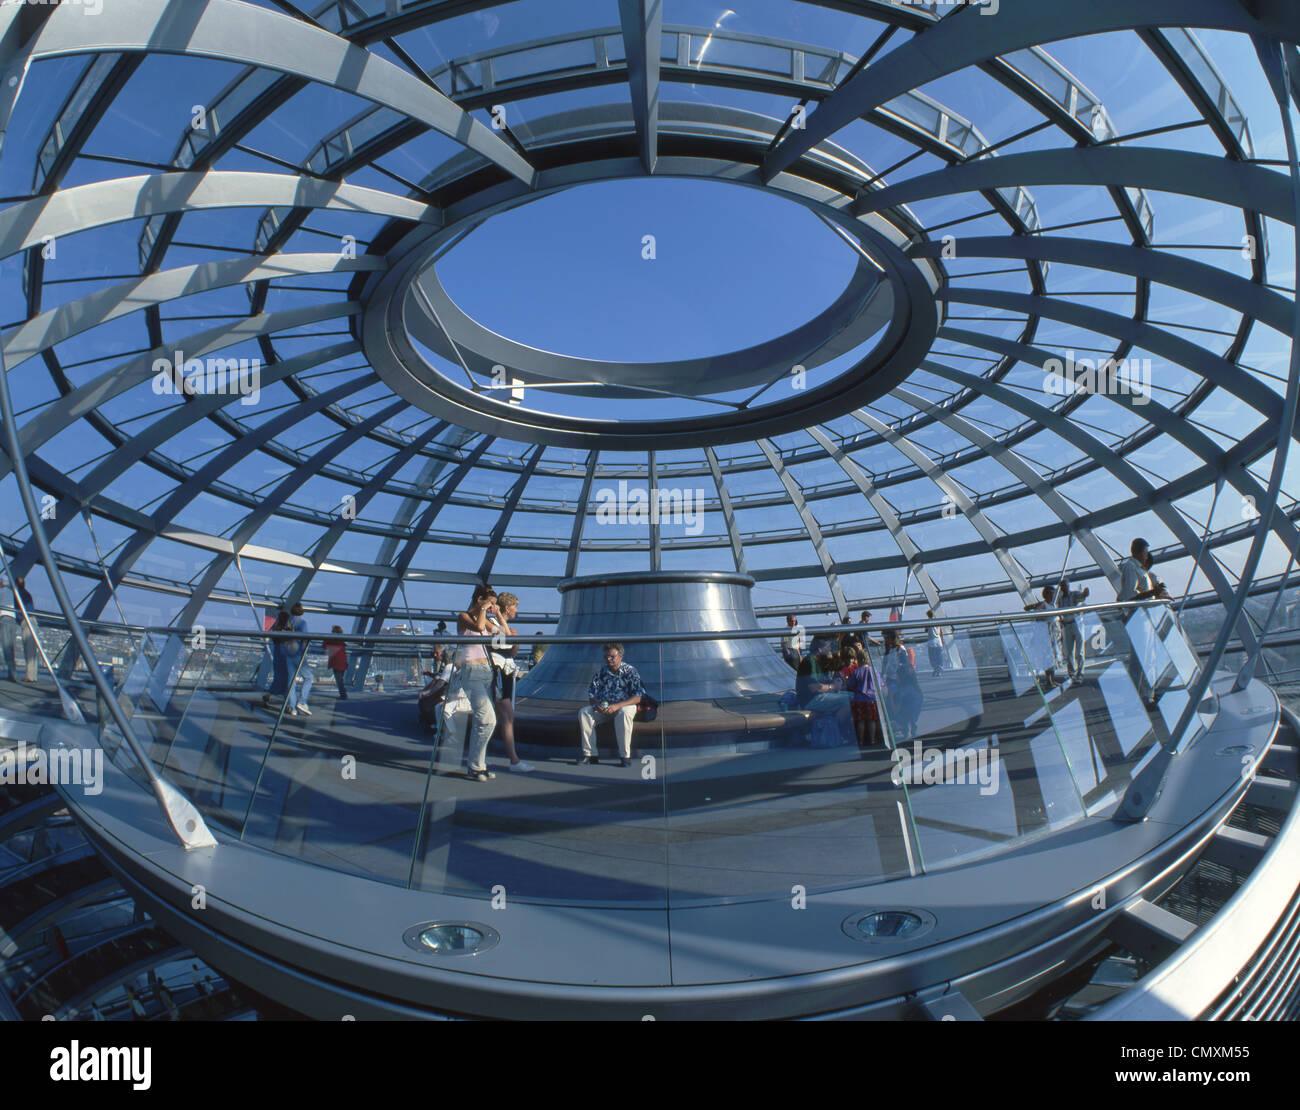 Berlín, el Reichstag, la cúpula de Norman Foster, interieur Foto de stock